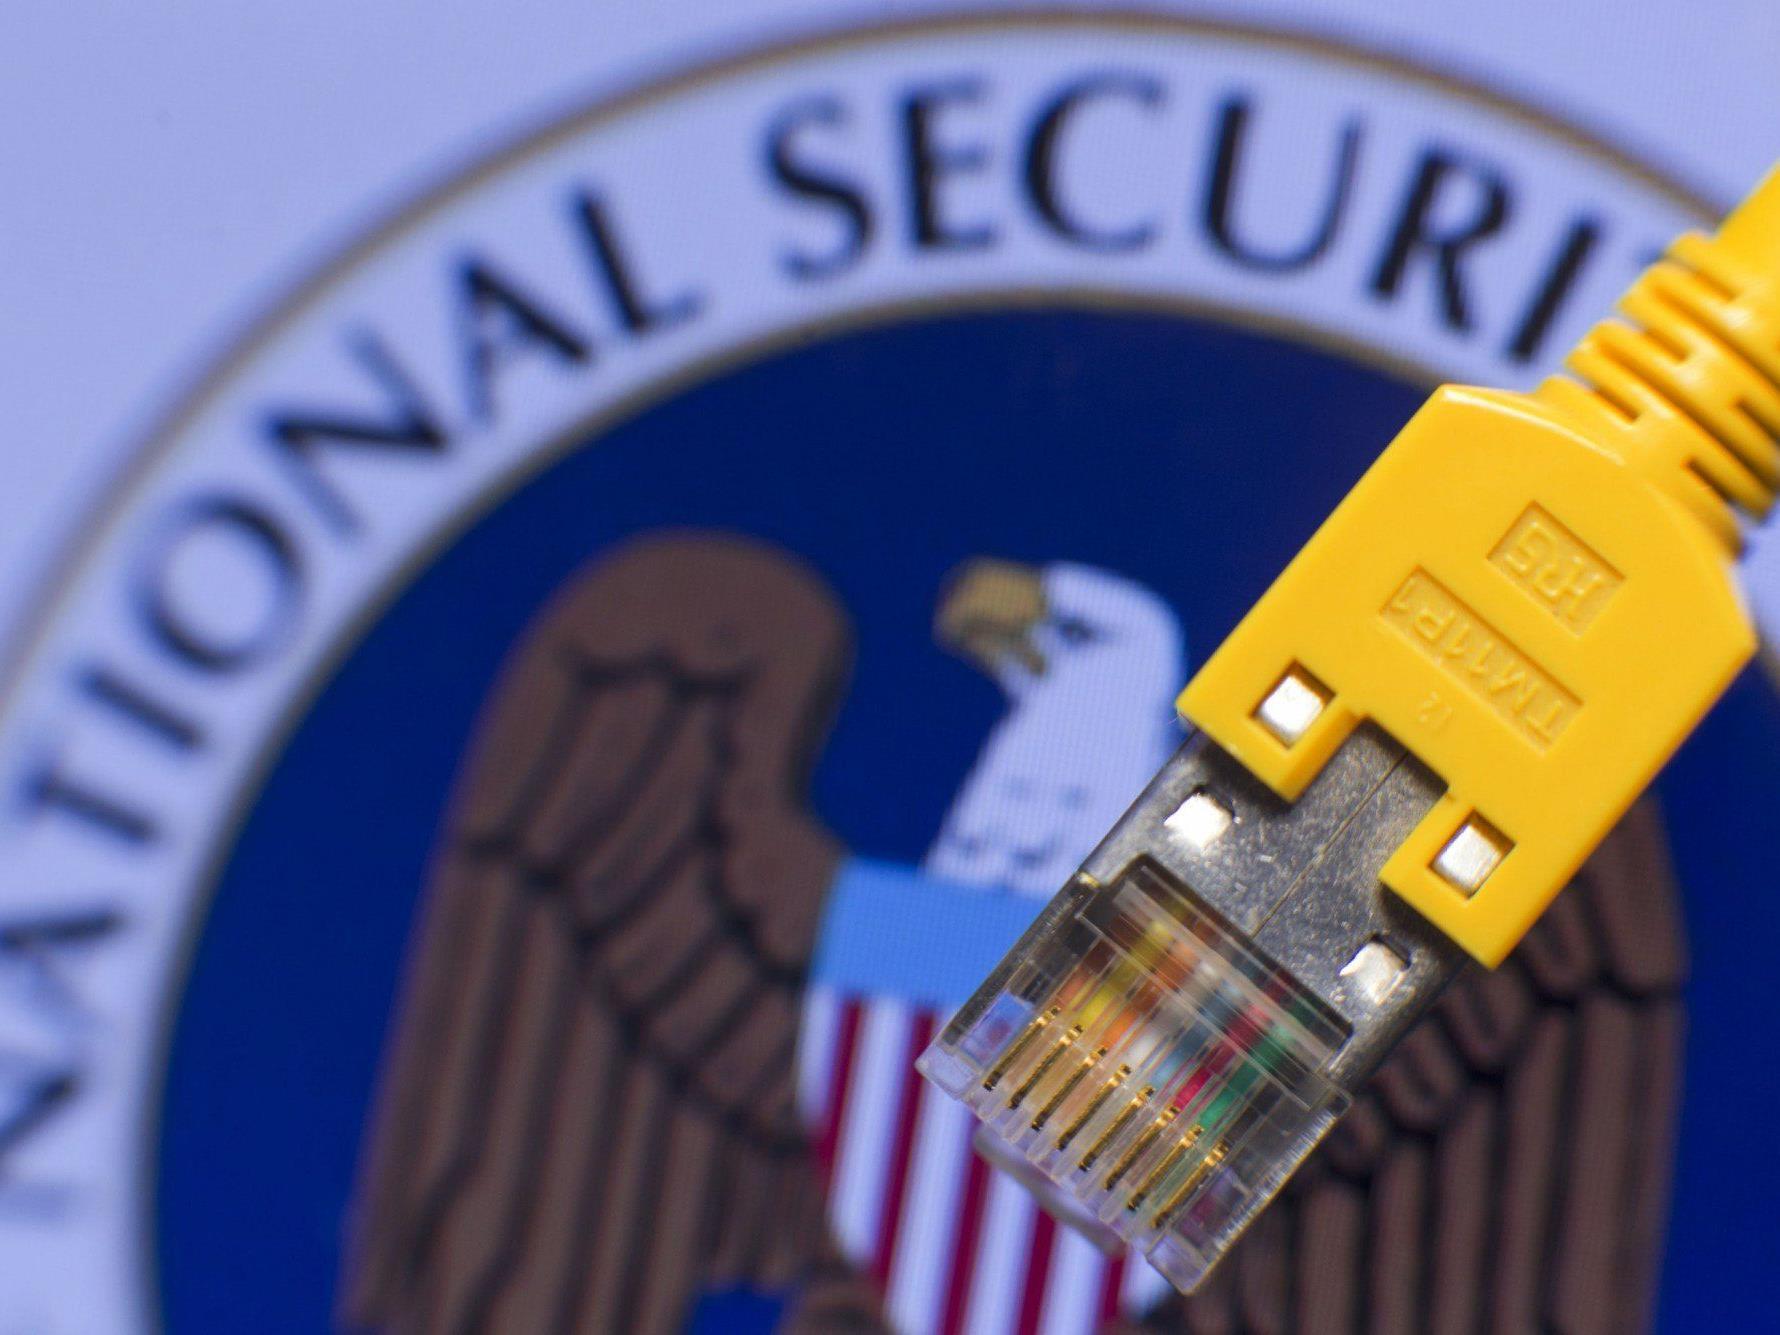 Die US-Politiker verbünden sich, um dem Spionageprogramm des Geheimdienstes NSA einen Riegel vorzuschieben.